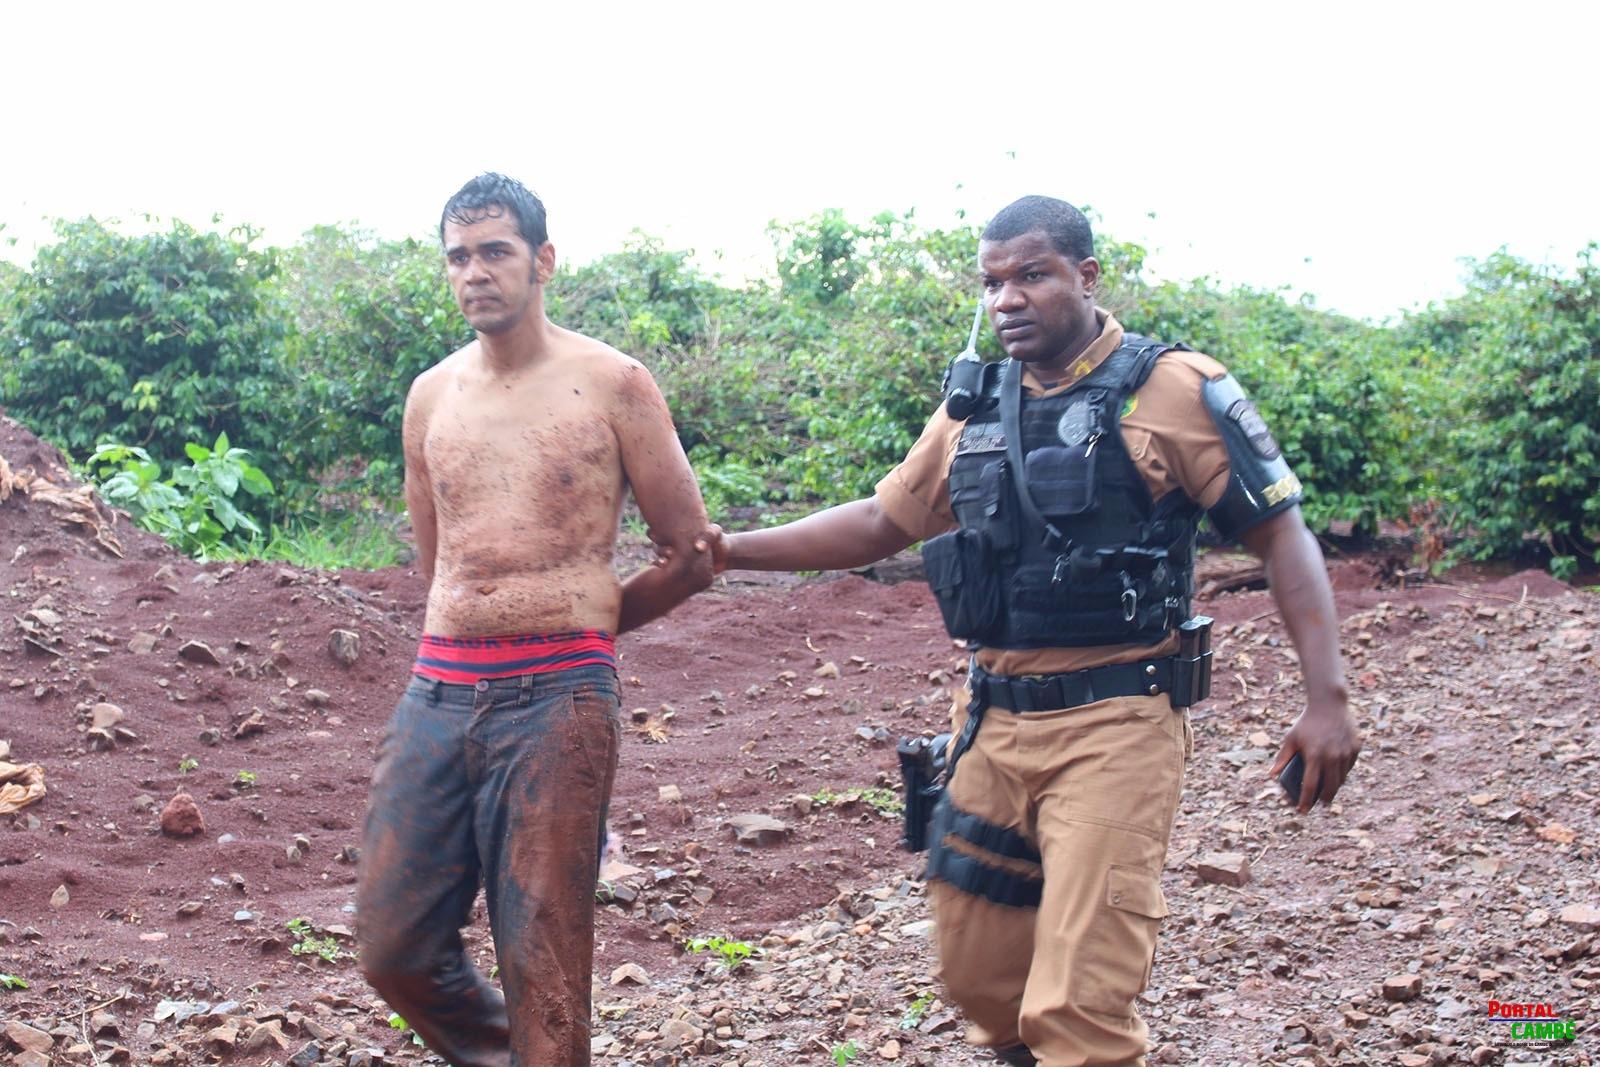 Bandidos são presos em Rolândia após assalto em PETSHOP em Cambé; Helicóptero do Graer esteve em Rolândia auxiliando nas buscas